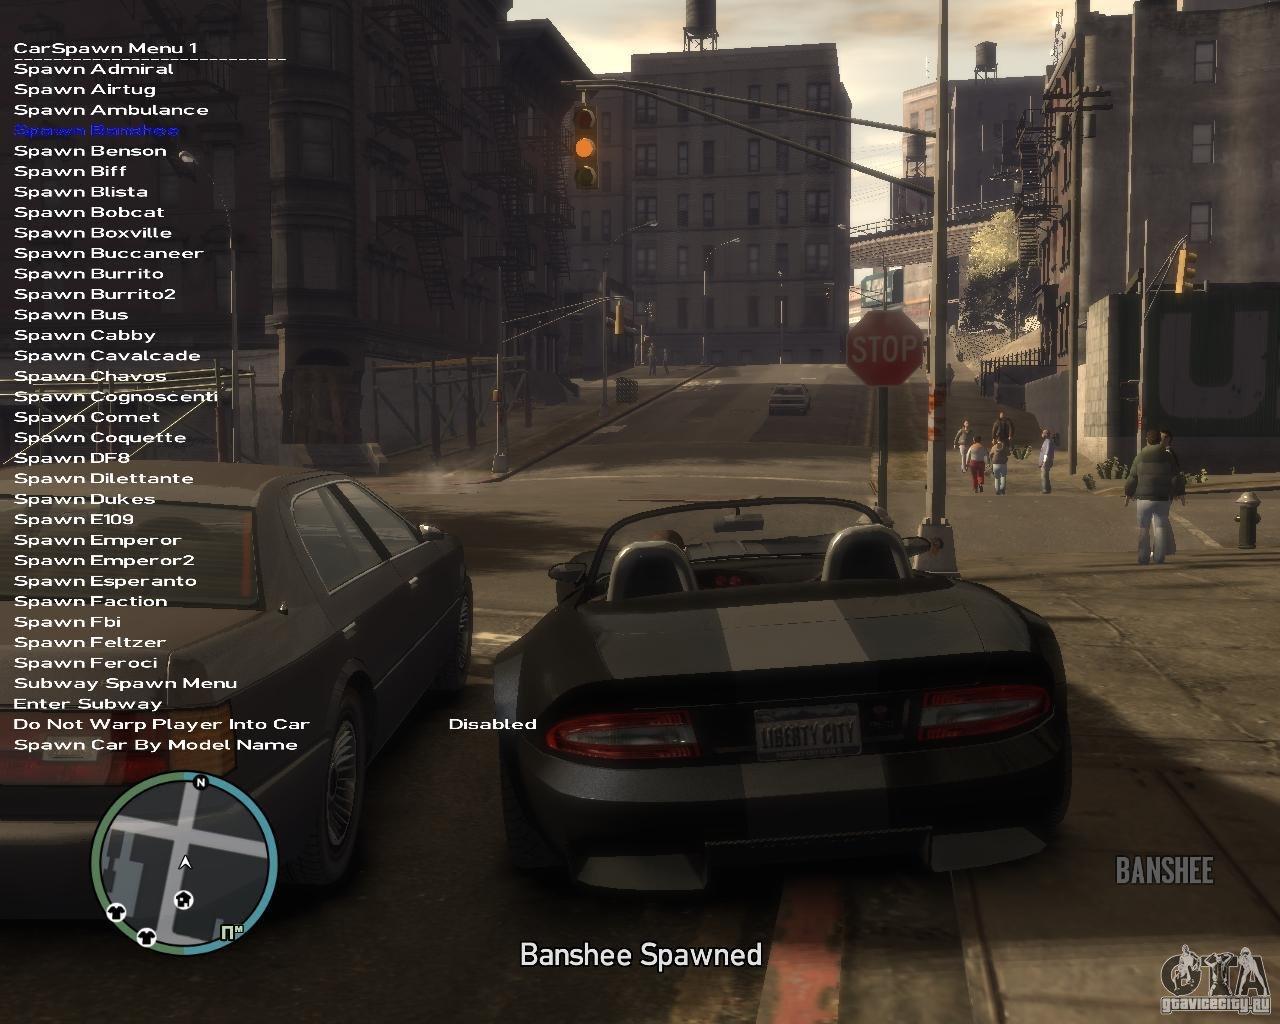 (...آموزش (دفع پلیس و جان بینهایت و + GTA IV ترینر بازی